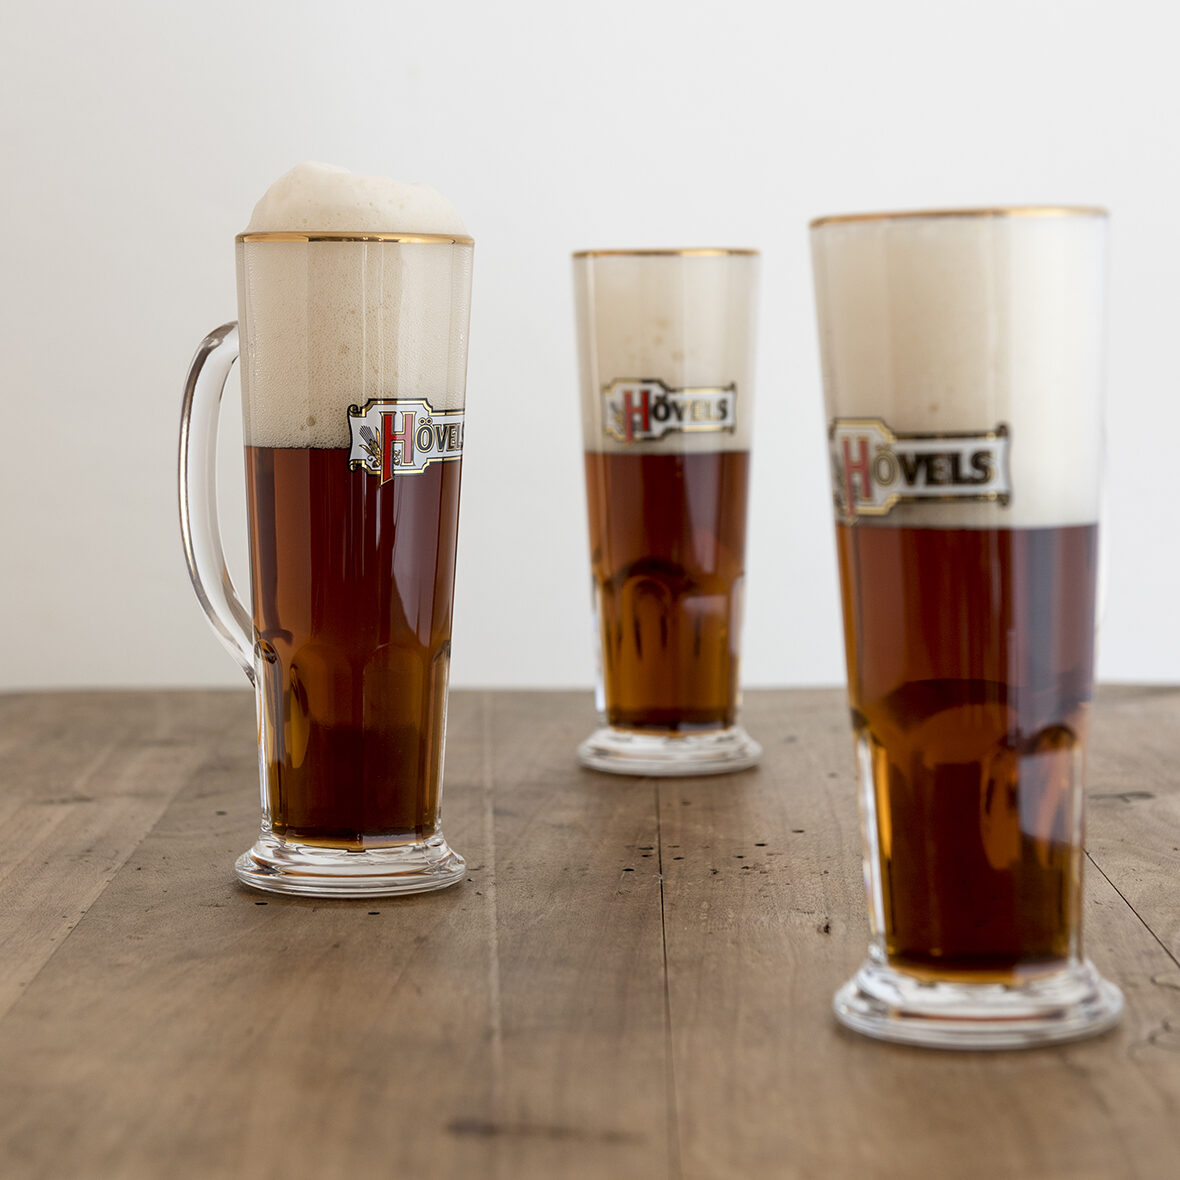 Hövels Original – Fanartikel Bierseidel kaufen (Hausbrauerei Dortmund)